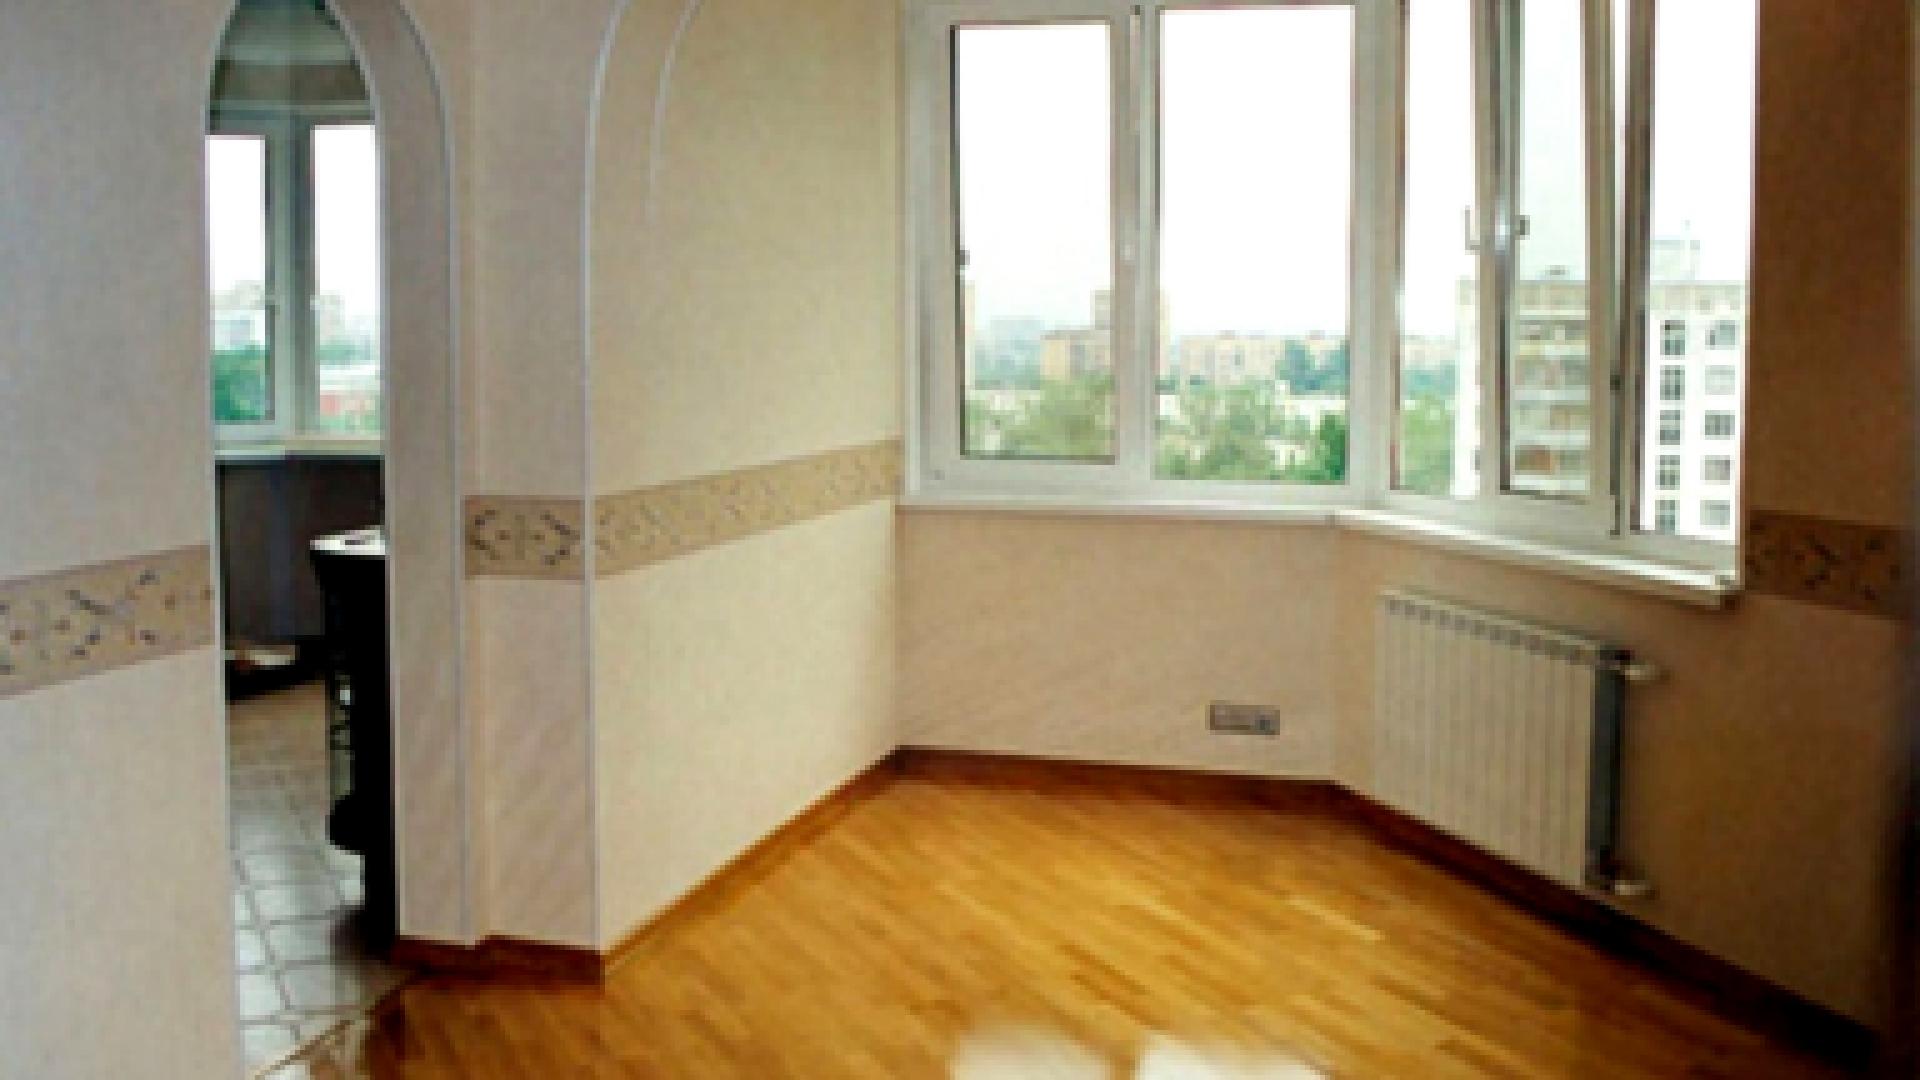 Авито сочи квартиры на плеханово automag52.ru интересные фак.